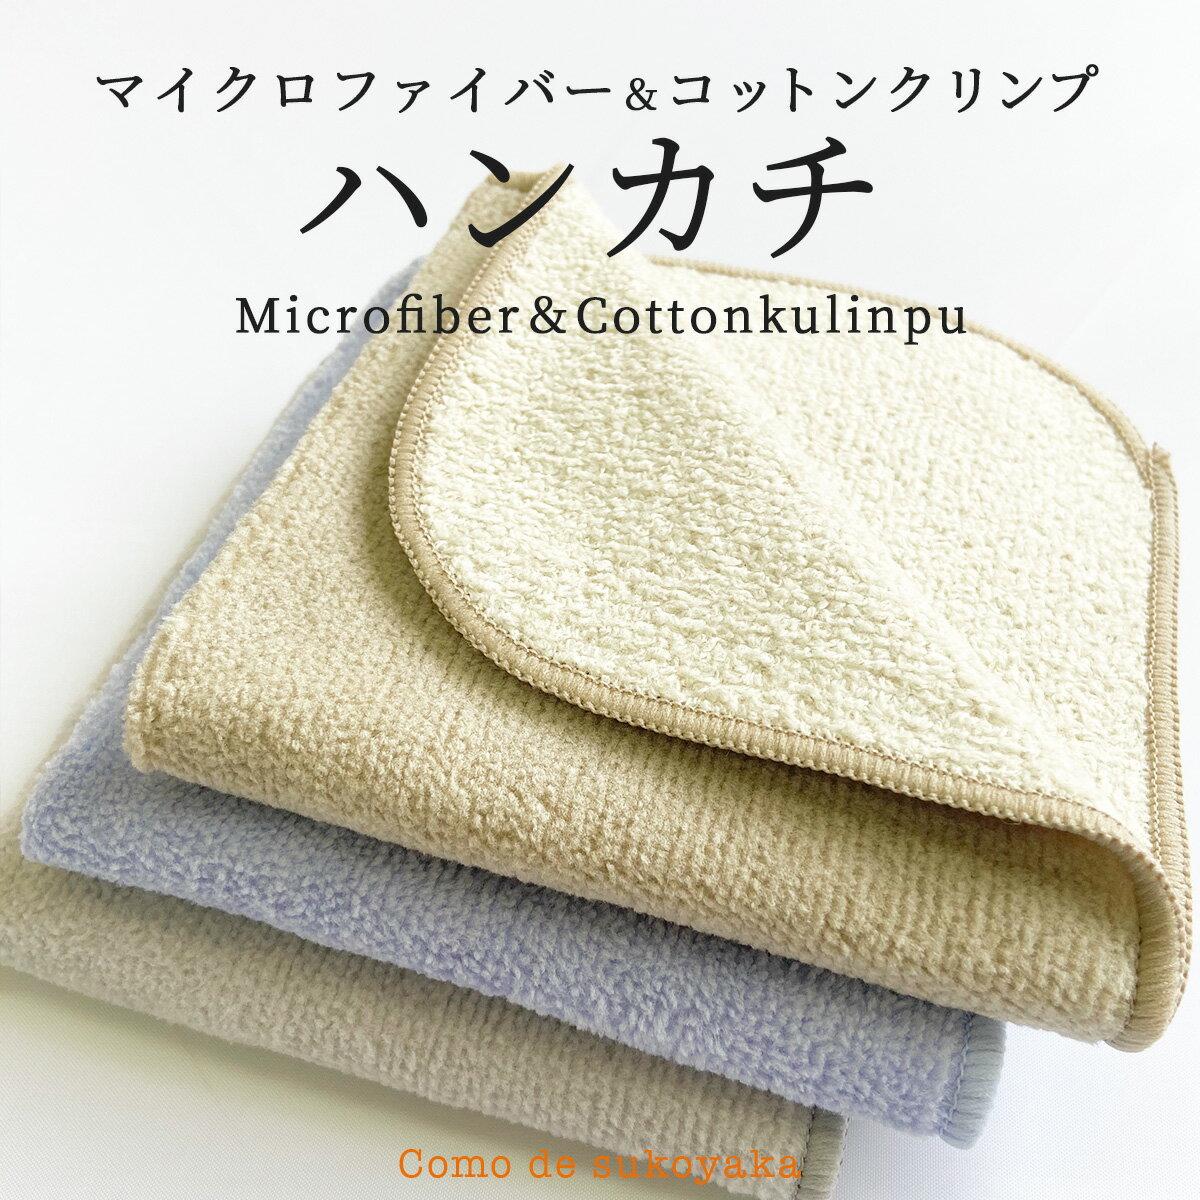 日本製マイクロファイバー&コットンクリンプ・ハンカチ